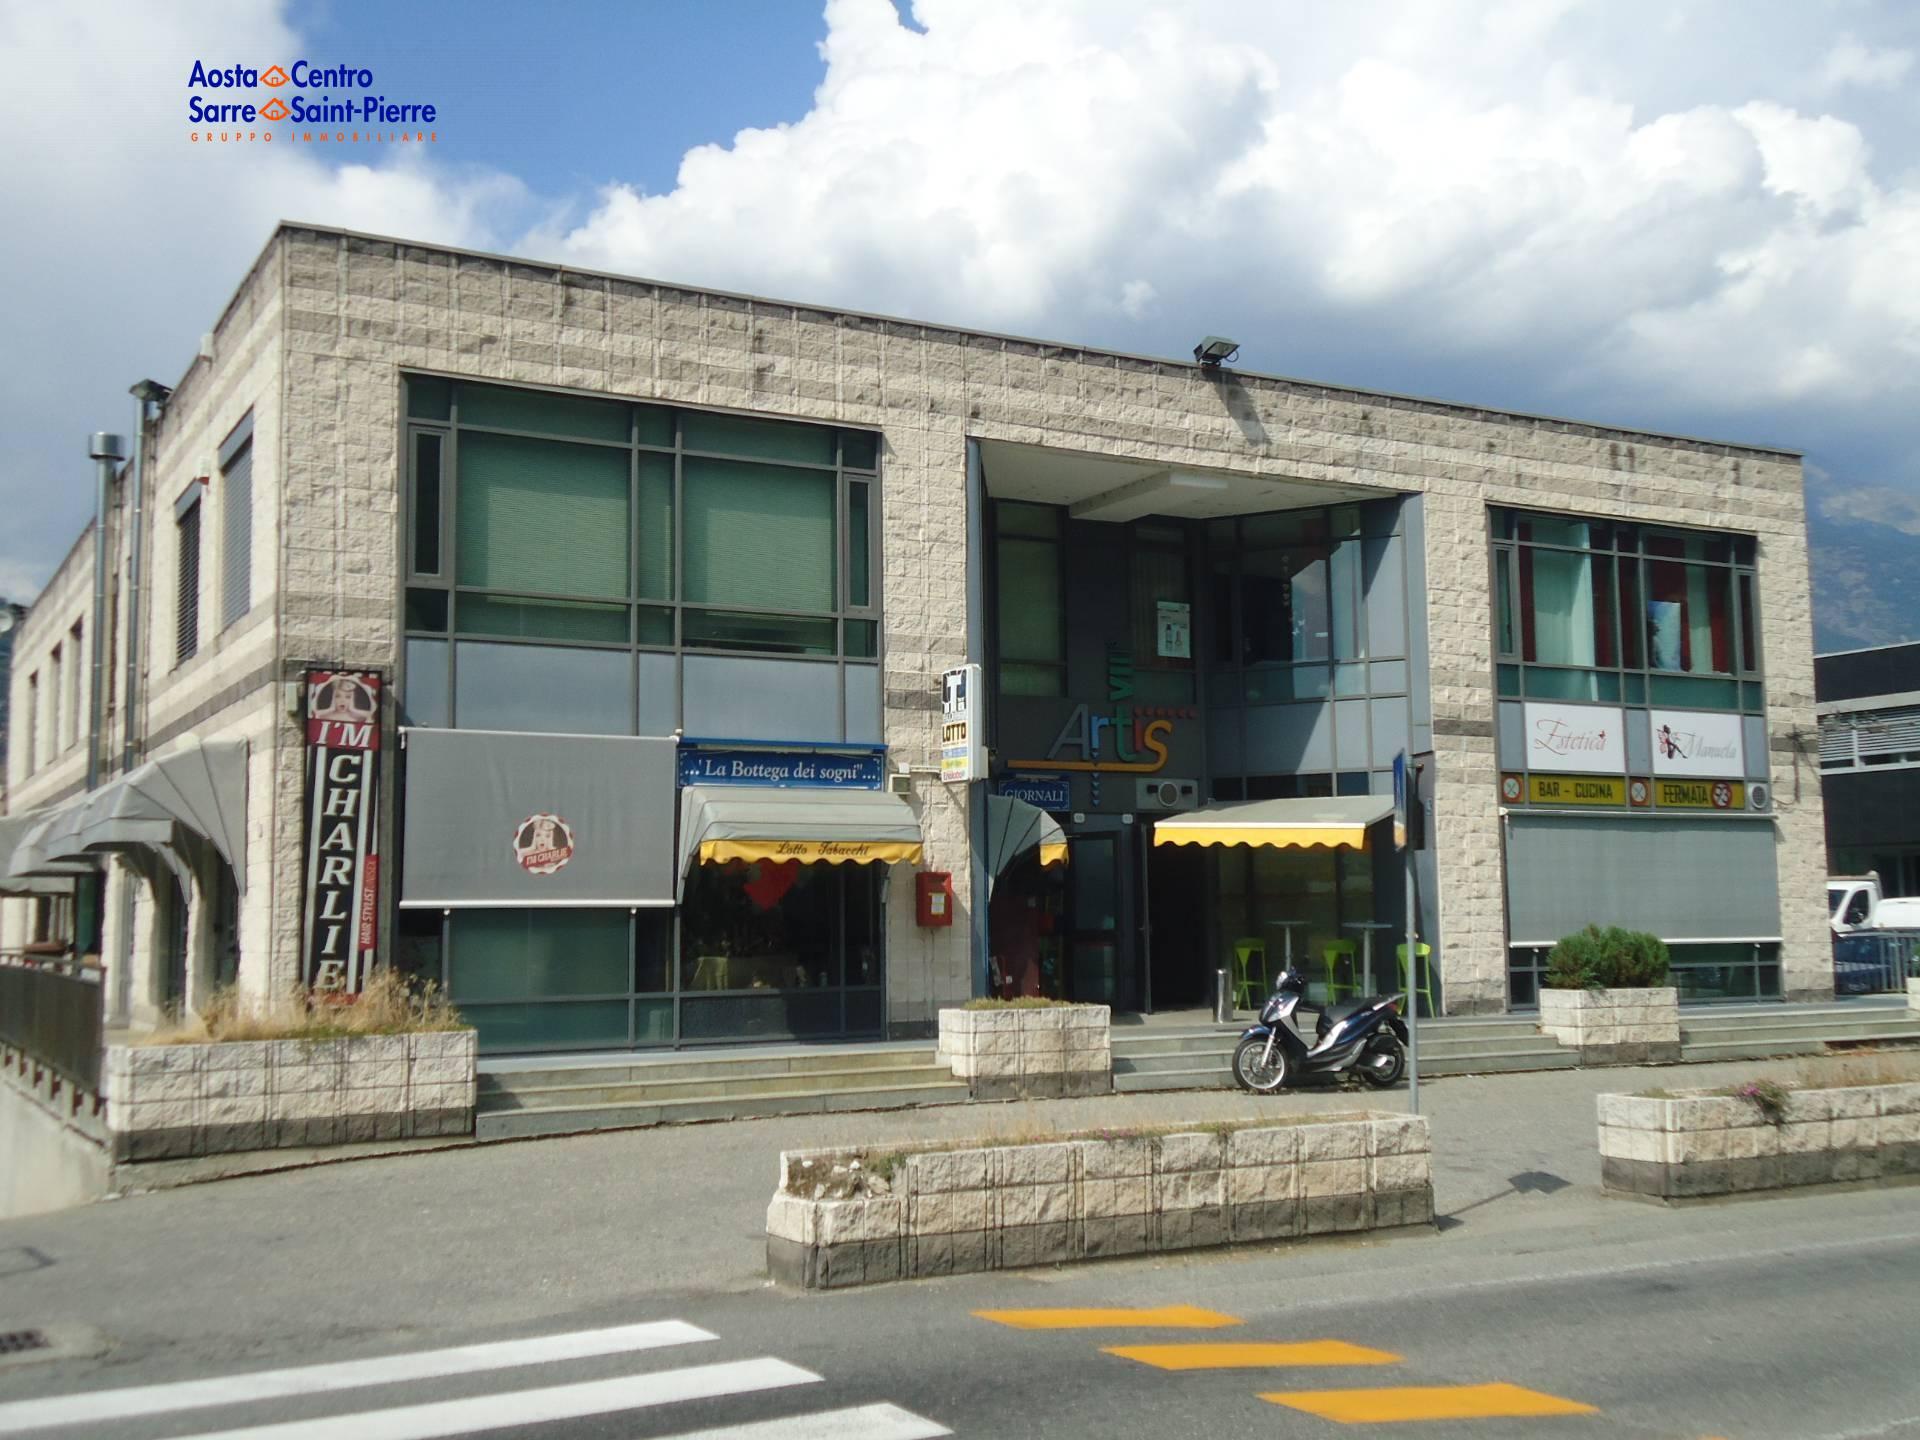 Ufficio / Studio in vendita a Aosta, 9999 locali, prezzo € 54.000 | PortaleAgenzieImmobiliari.it